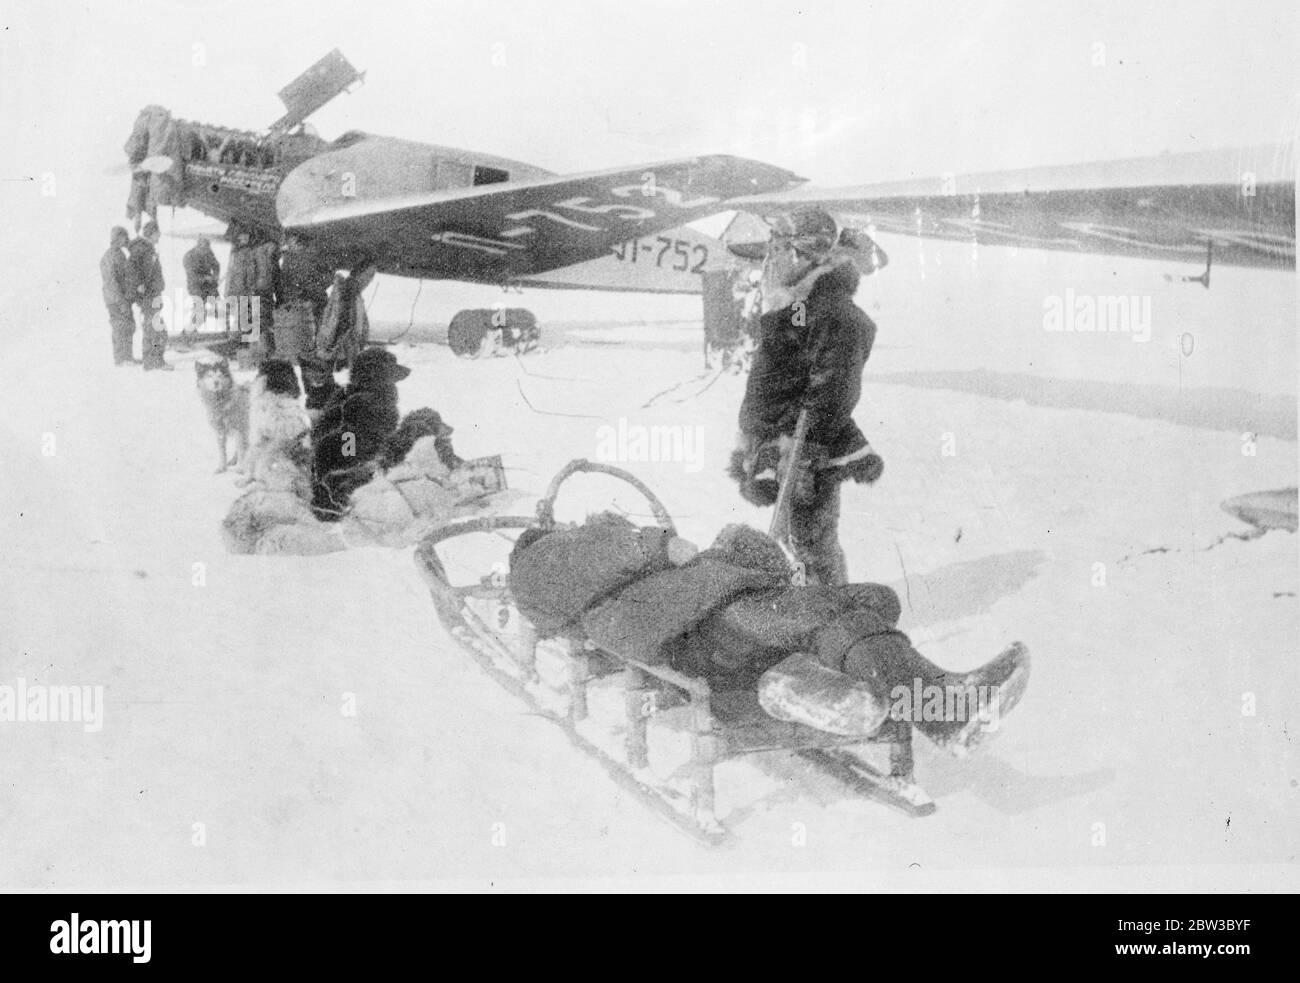 SS Chelyuskin , un navire à vapeur soviétique envoyé dans une expédition pour naviguer à travers la glace polaire le long de la route maritime du Nord de Mourmansk à Vladivostok , est devenu la glace dans les eaux arctiques pendant la navigation . Il a été pris dans les champs de glace en septembre. Après cela, il a dérivé dans le bloc de glace avant de s'enfoncer le 13 février 1934, écrasé par les icepacks près de l'île Kolyuchin dans la mer des Chukchi . L'équipage a réussi à s'échapper sur la glace et a construit une piste d'atterrissage de fortune en utilisant seulement quelques bêches , des pelles à glace et deux barres de pied de biche , qui ont aidé au sauvetage de l'équipage . Cinquante trois hommes ont marché Banque D'Images